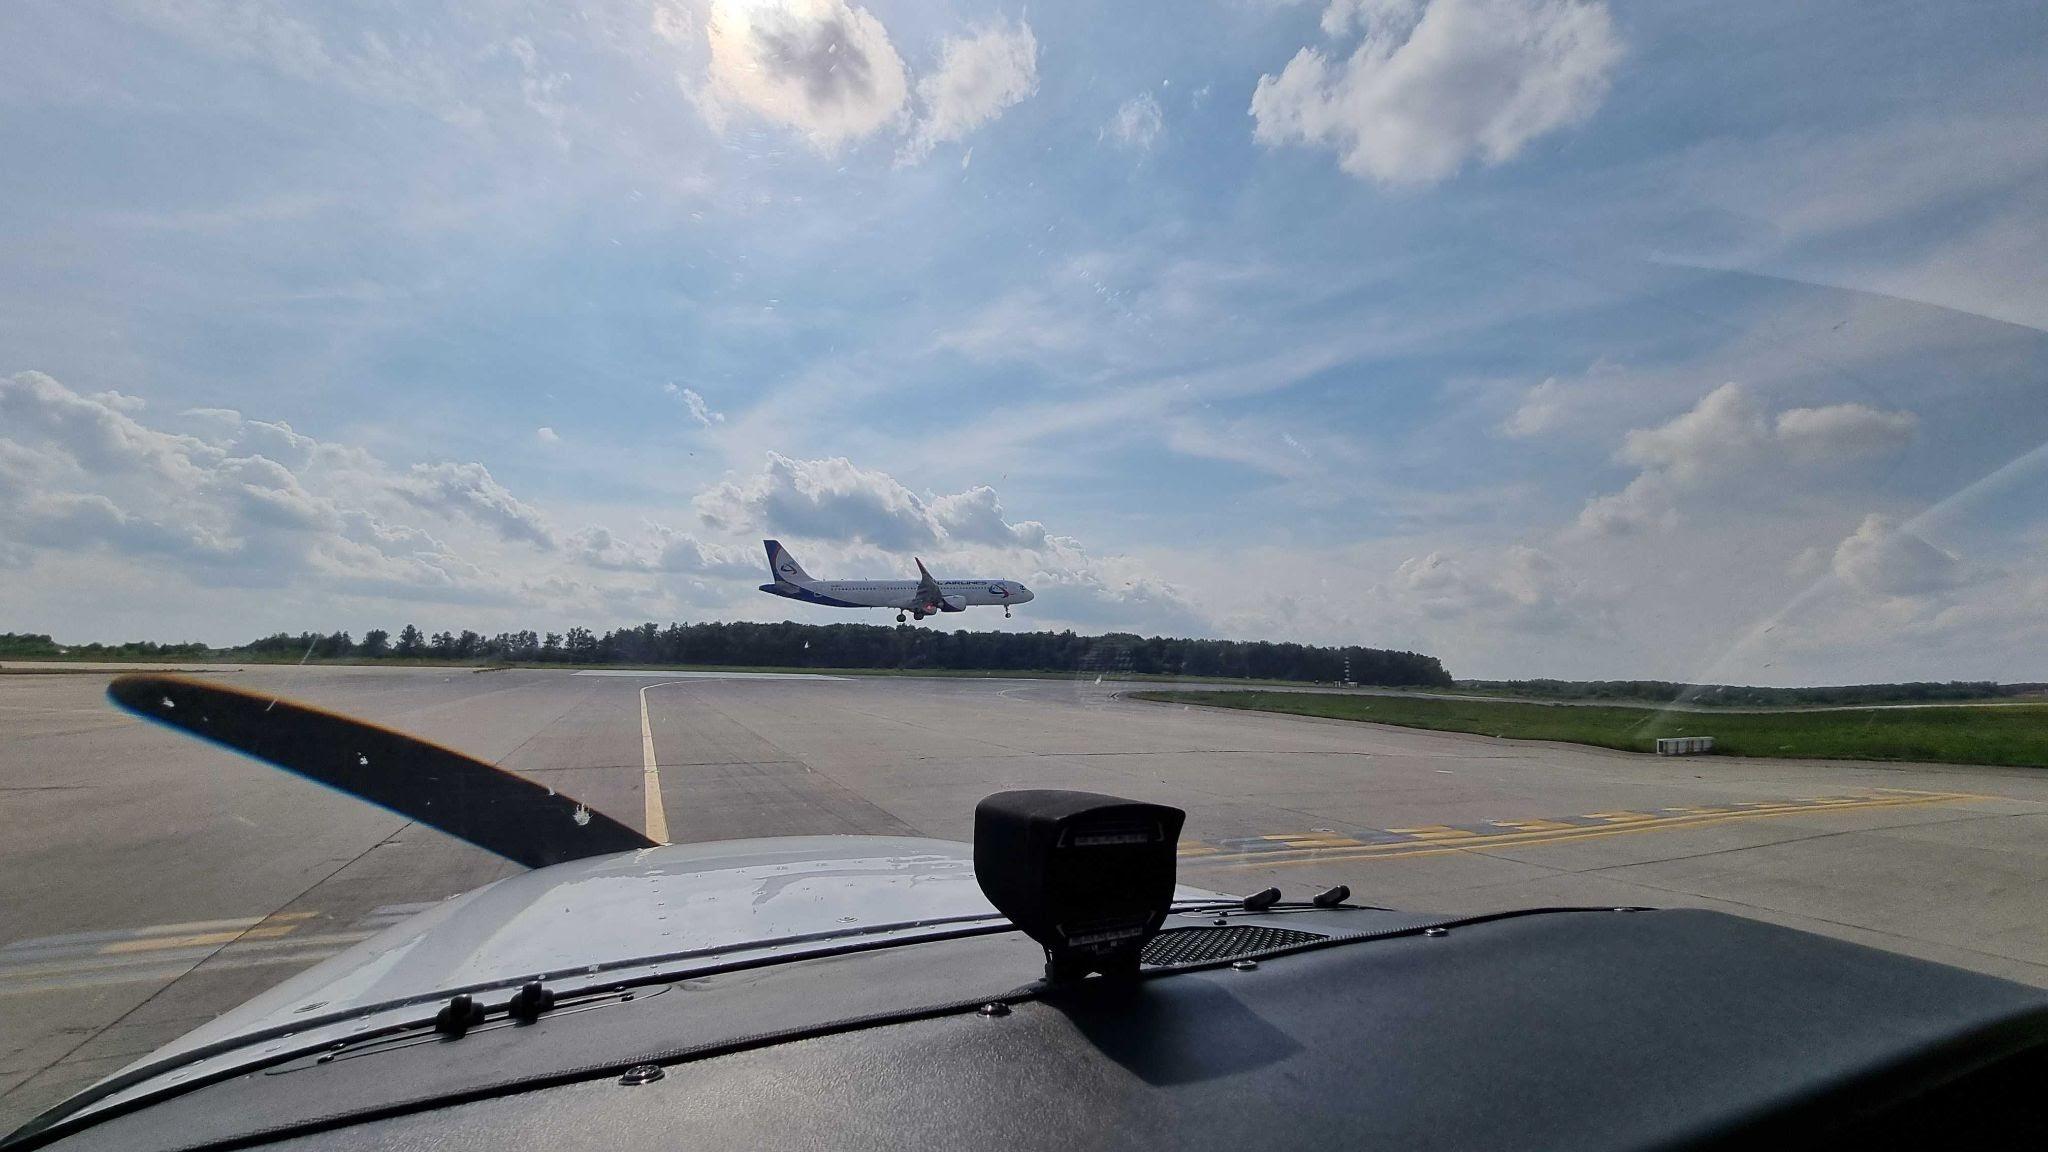 Обучение на частного пилота в России. Личный опыт - 8